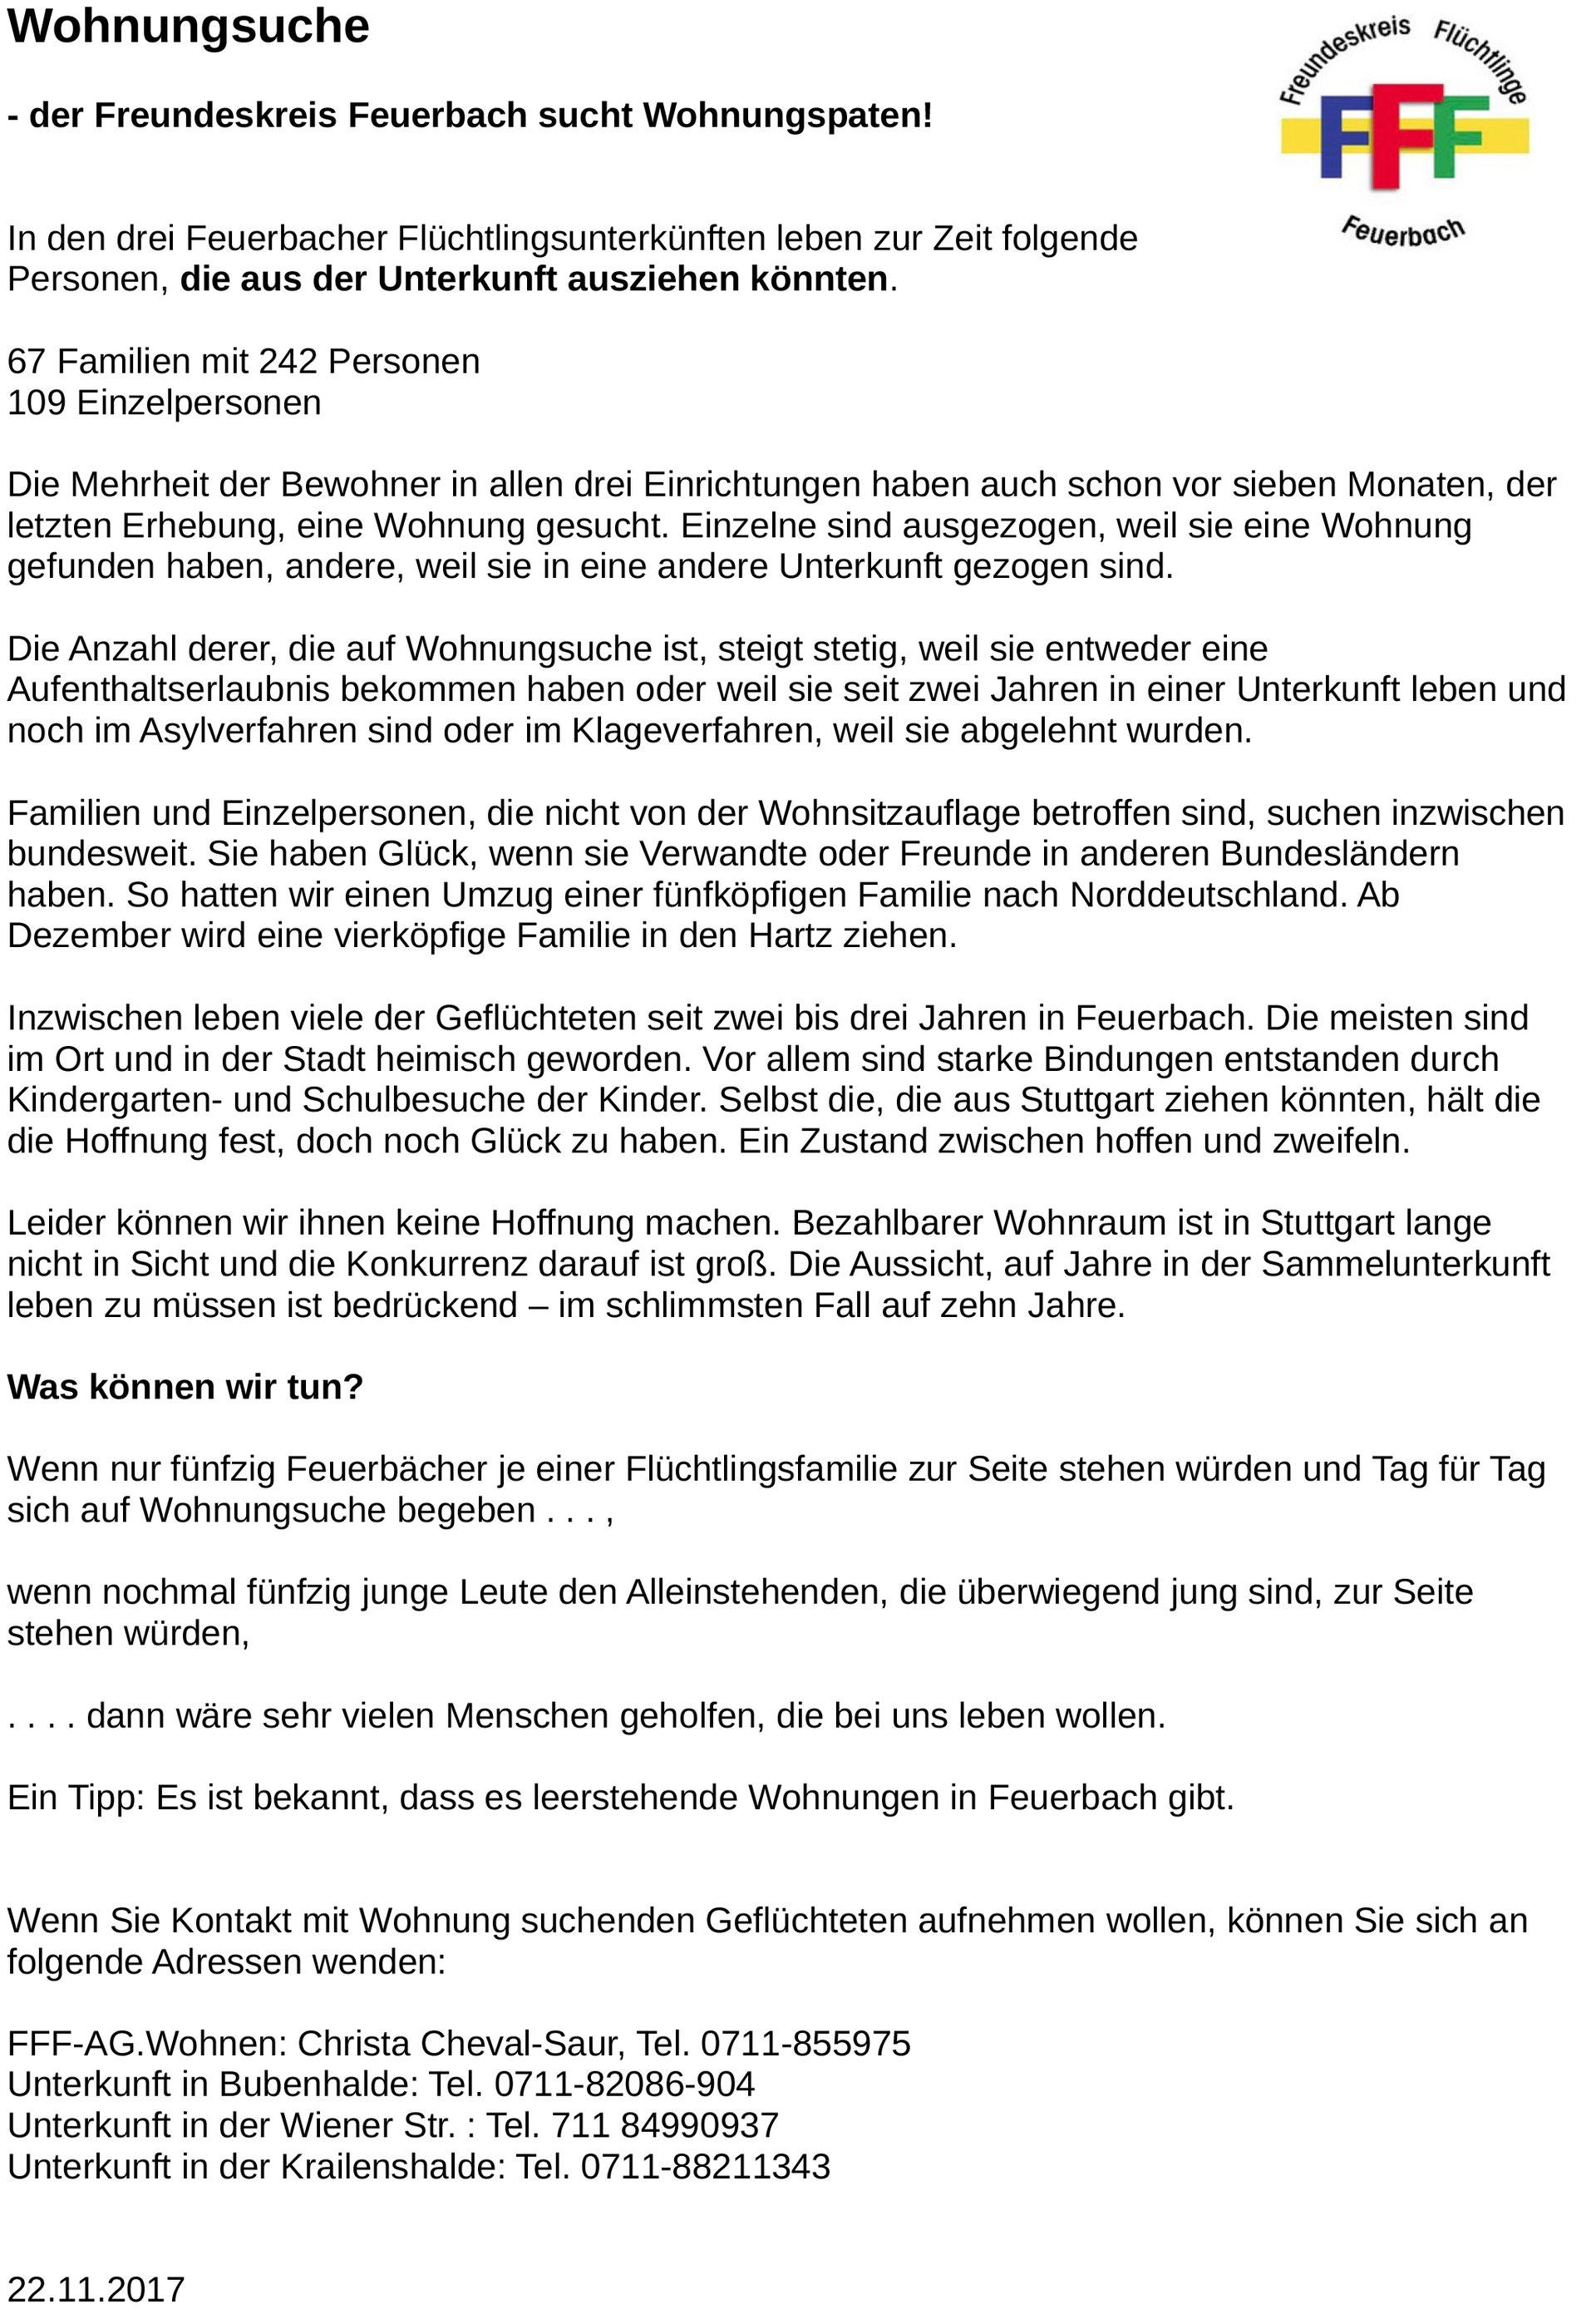 Wohnraum Gesucht Freundeskreis Flüchtlinge Feuerbach